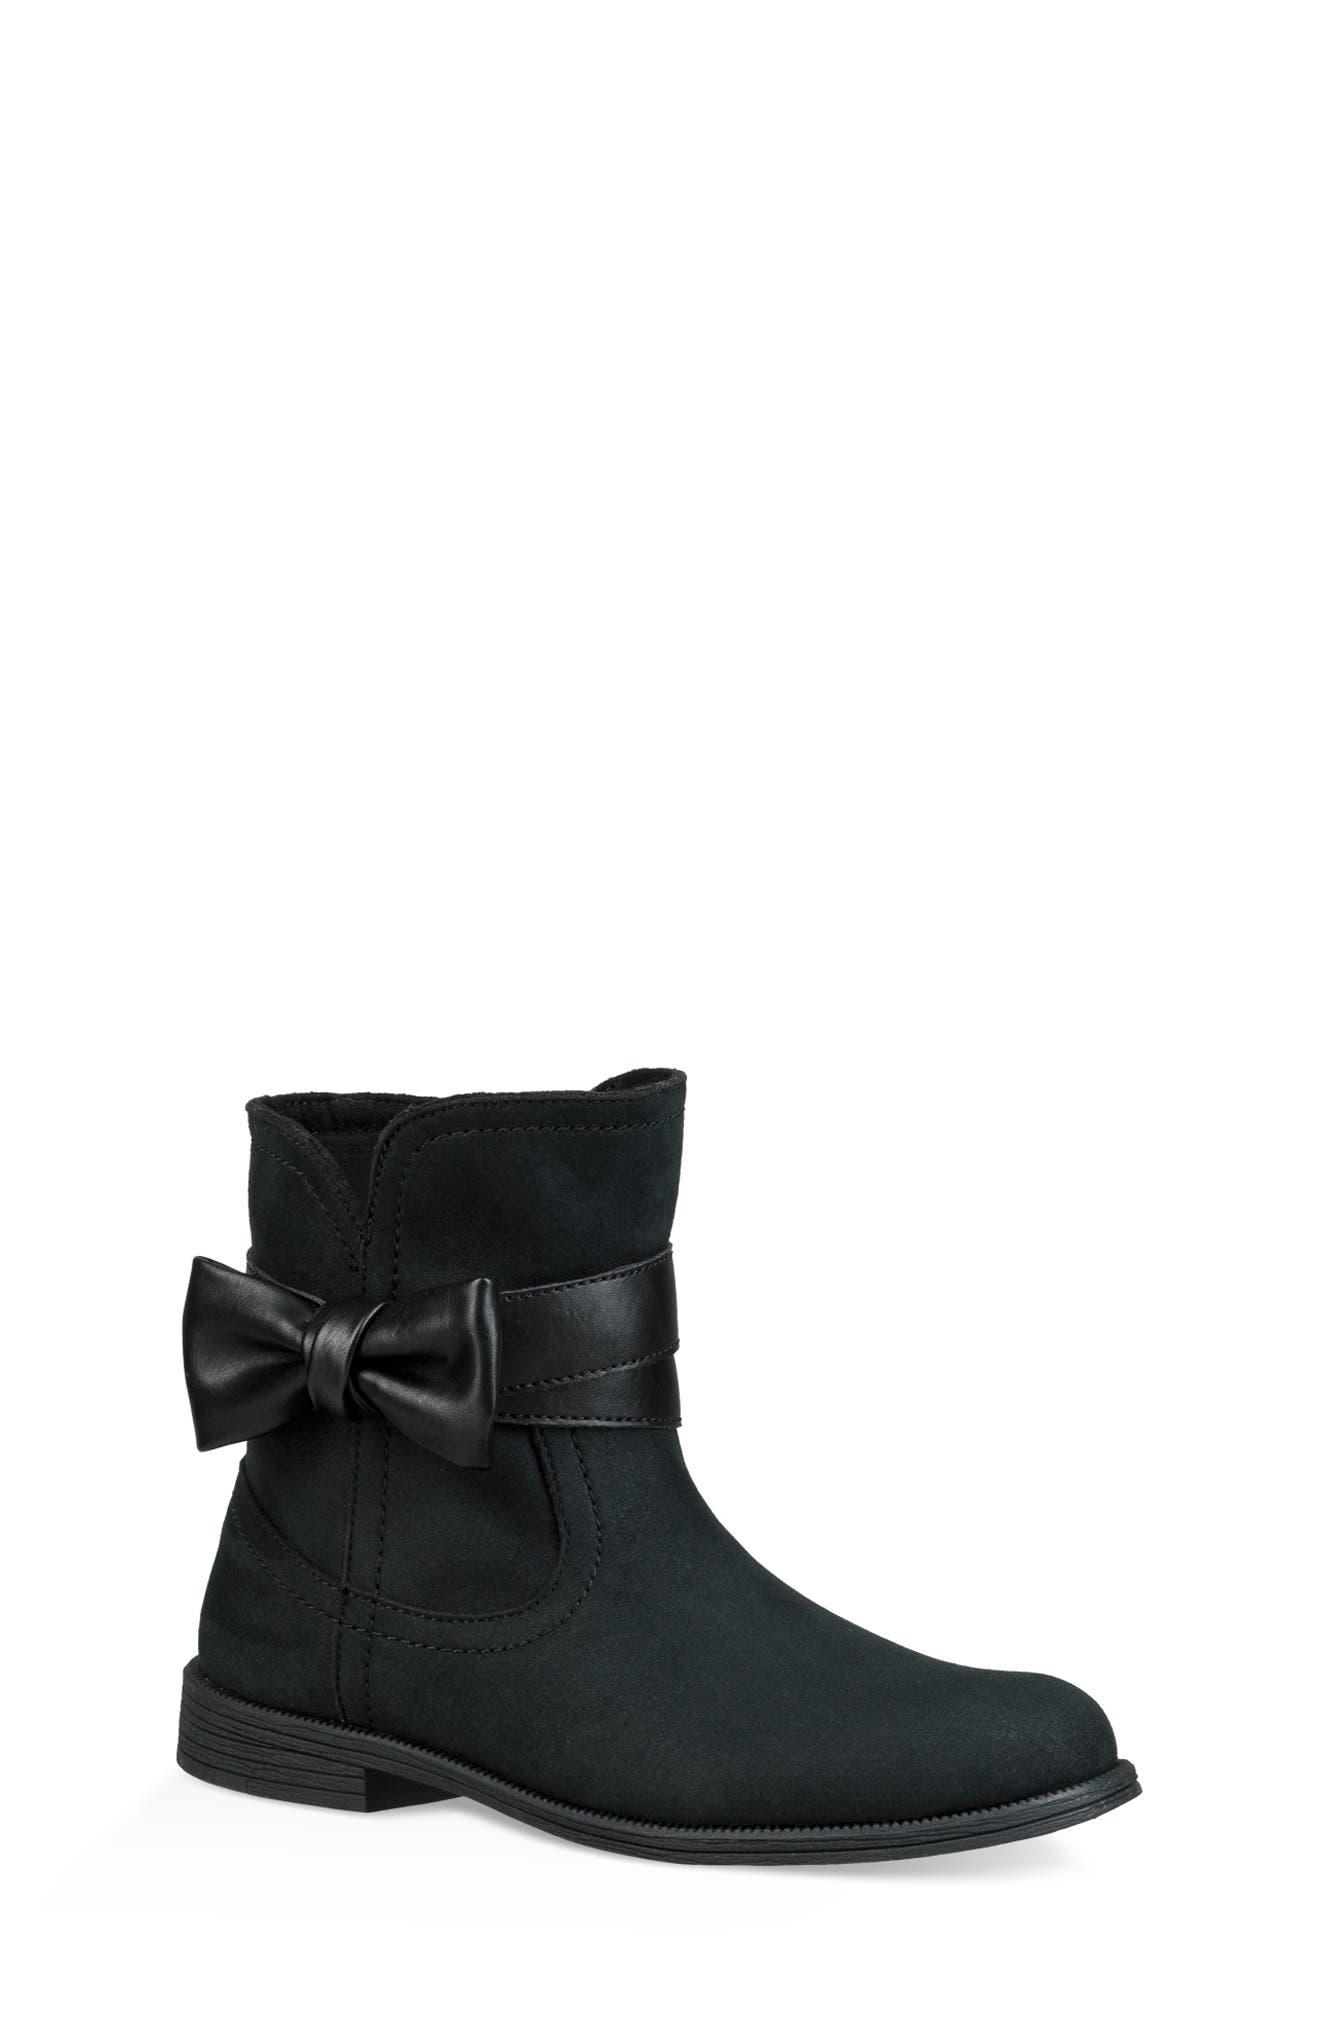 UGG Joanie Bow Boot,                             Main thumbnail 1, color,                             BLACK